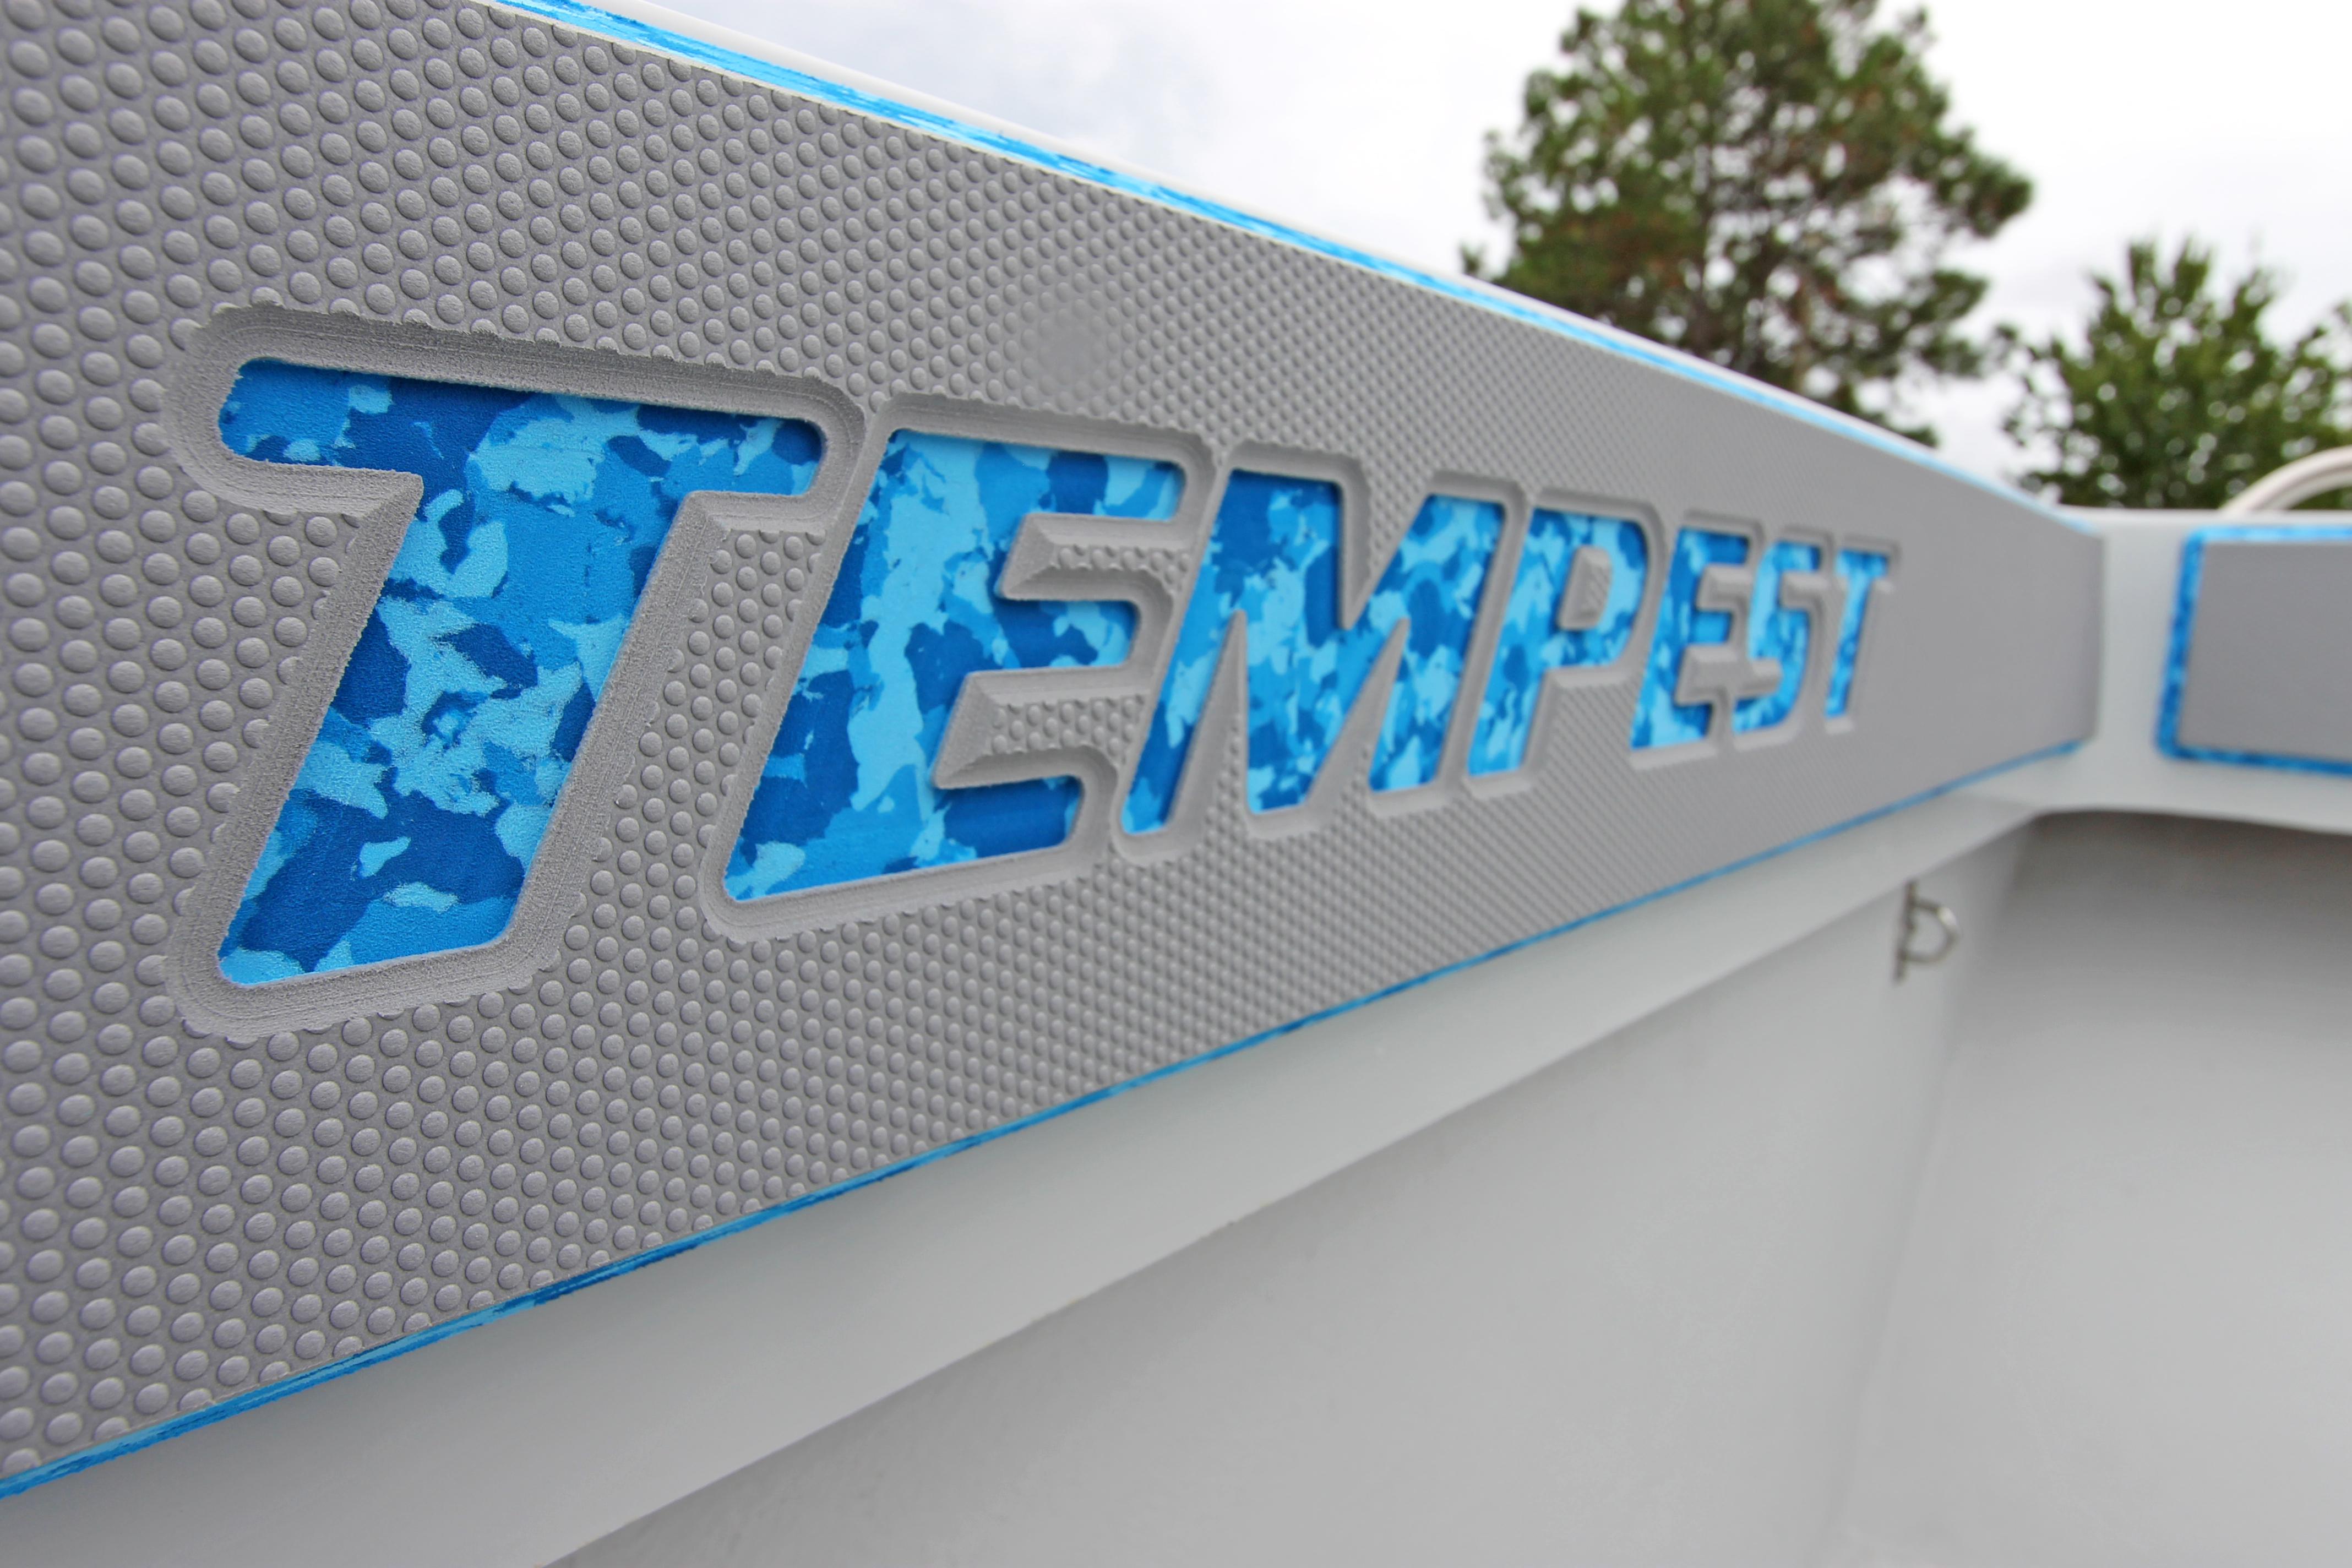 27 tempest3